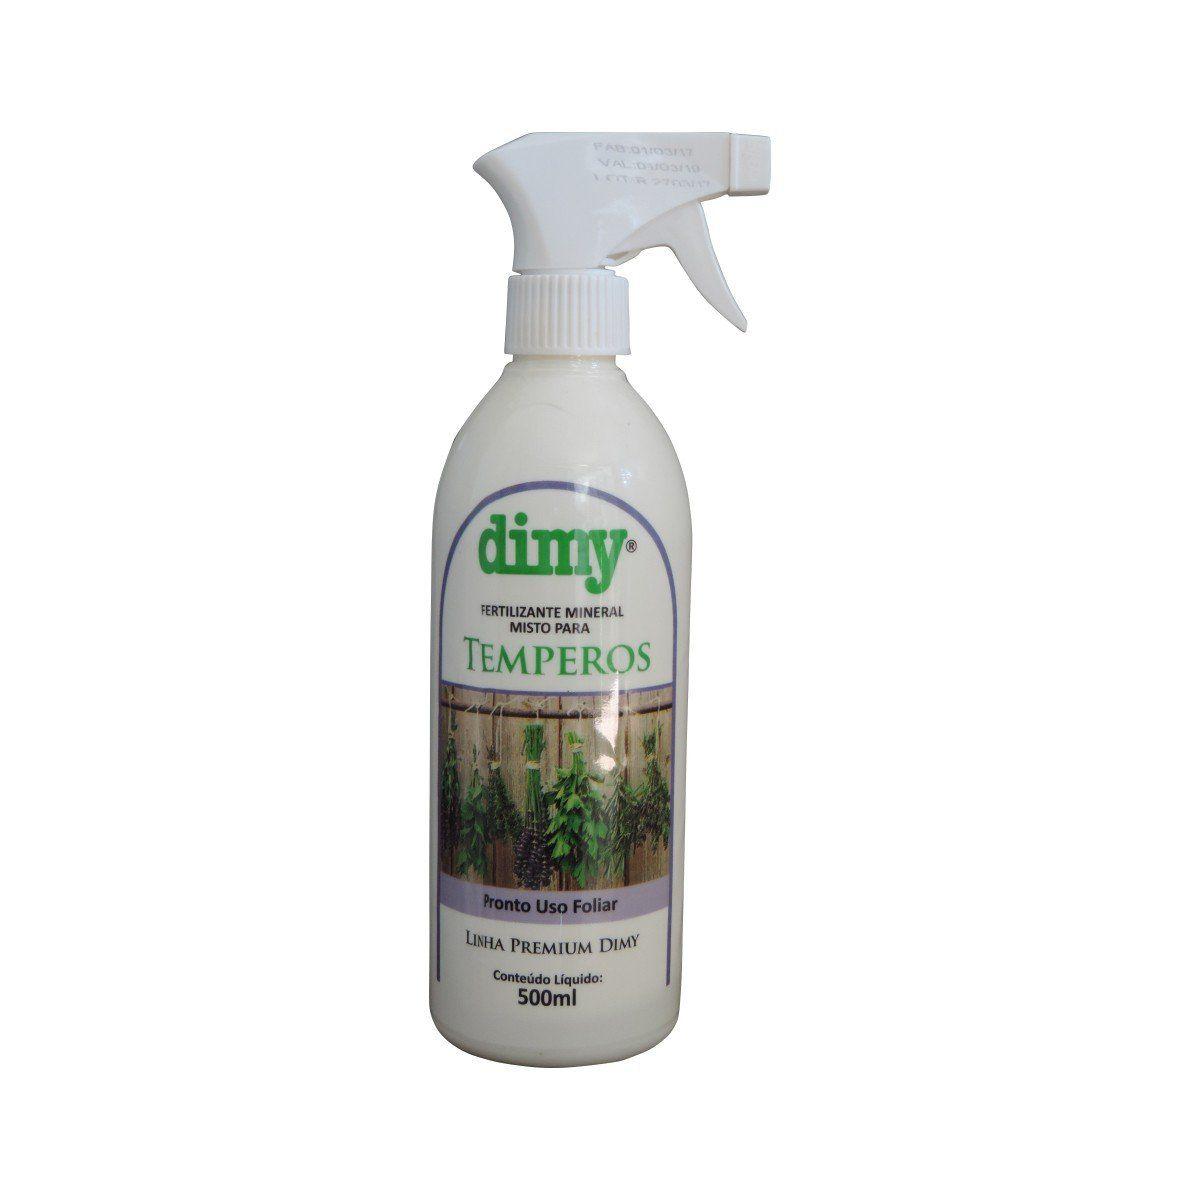 Fertilizante Mineral Misto para Temperos Pronto Uso 500ml Dimy